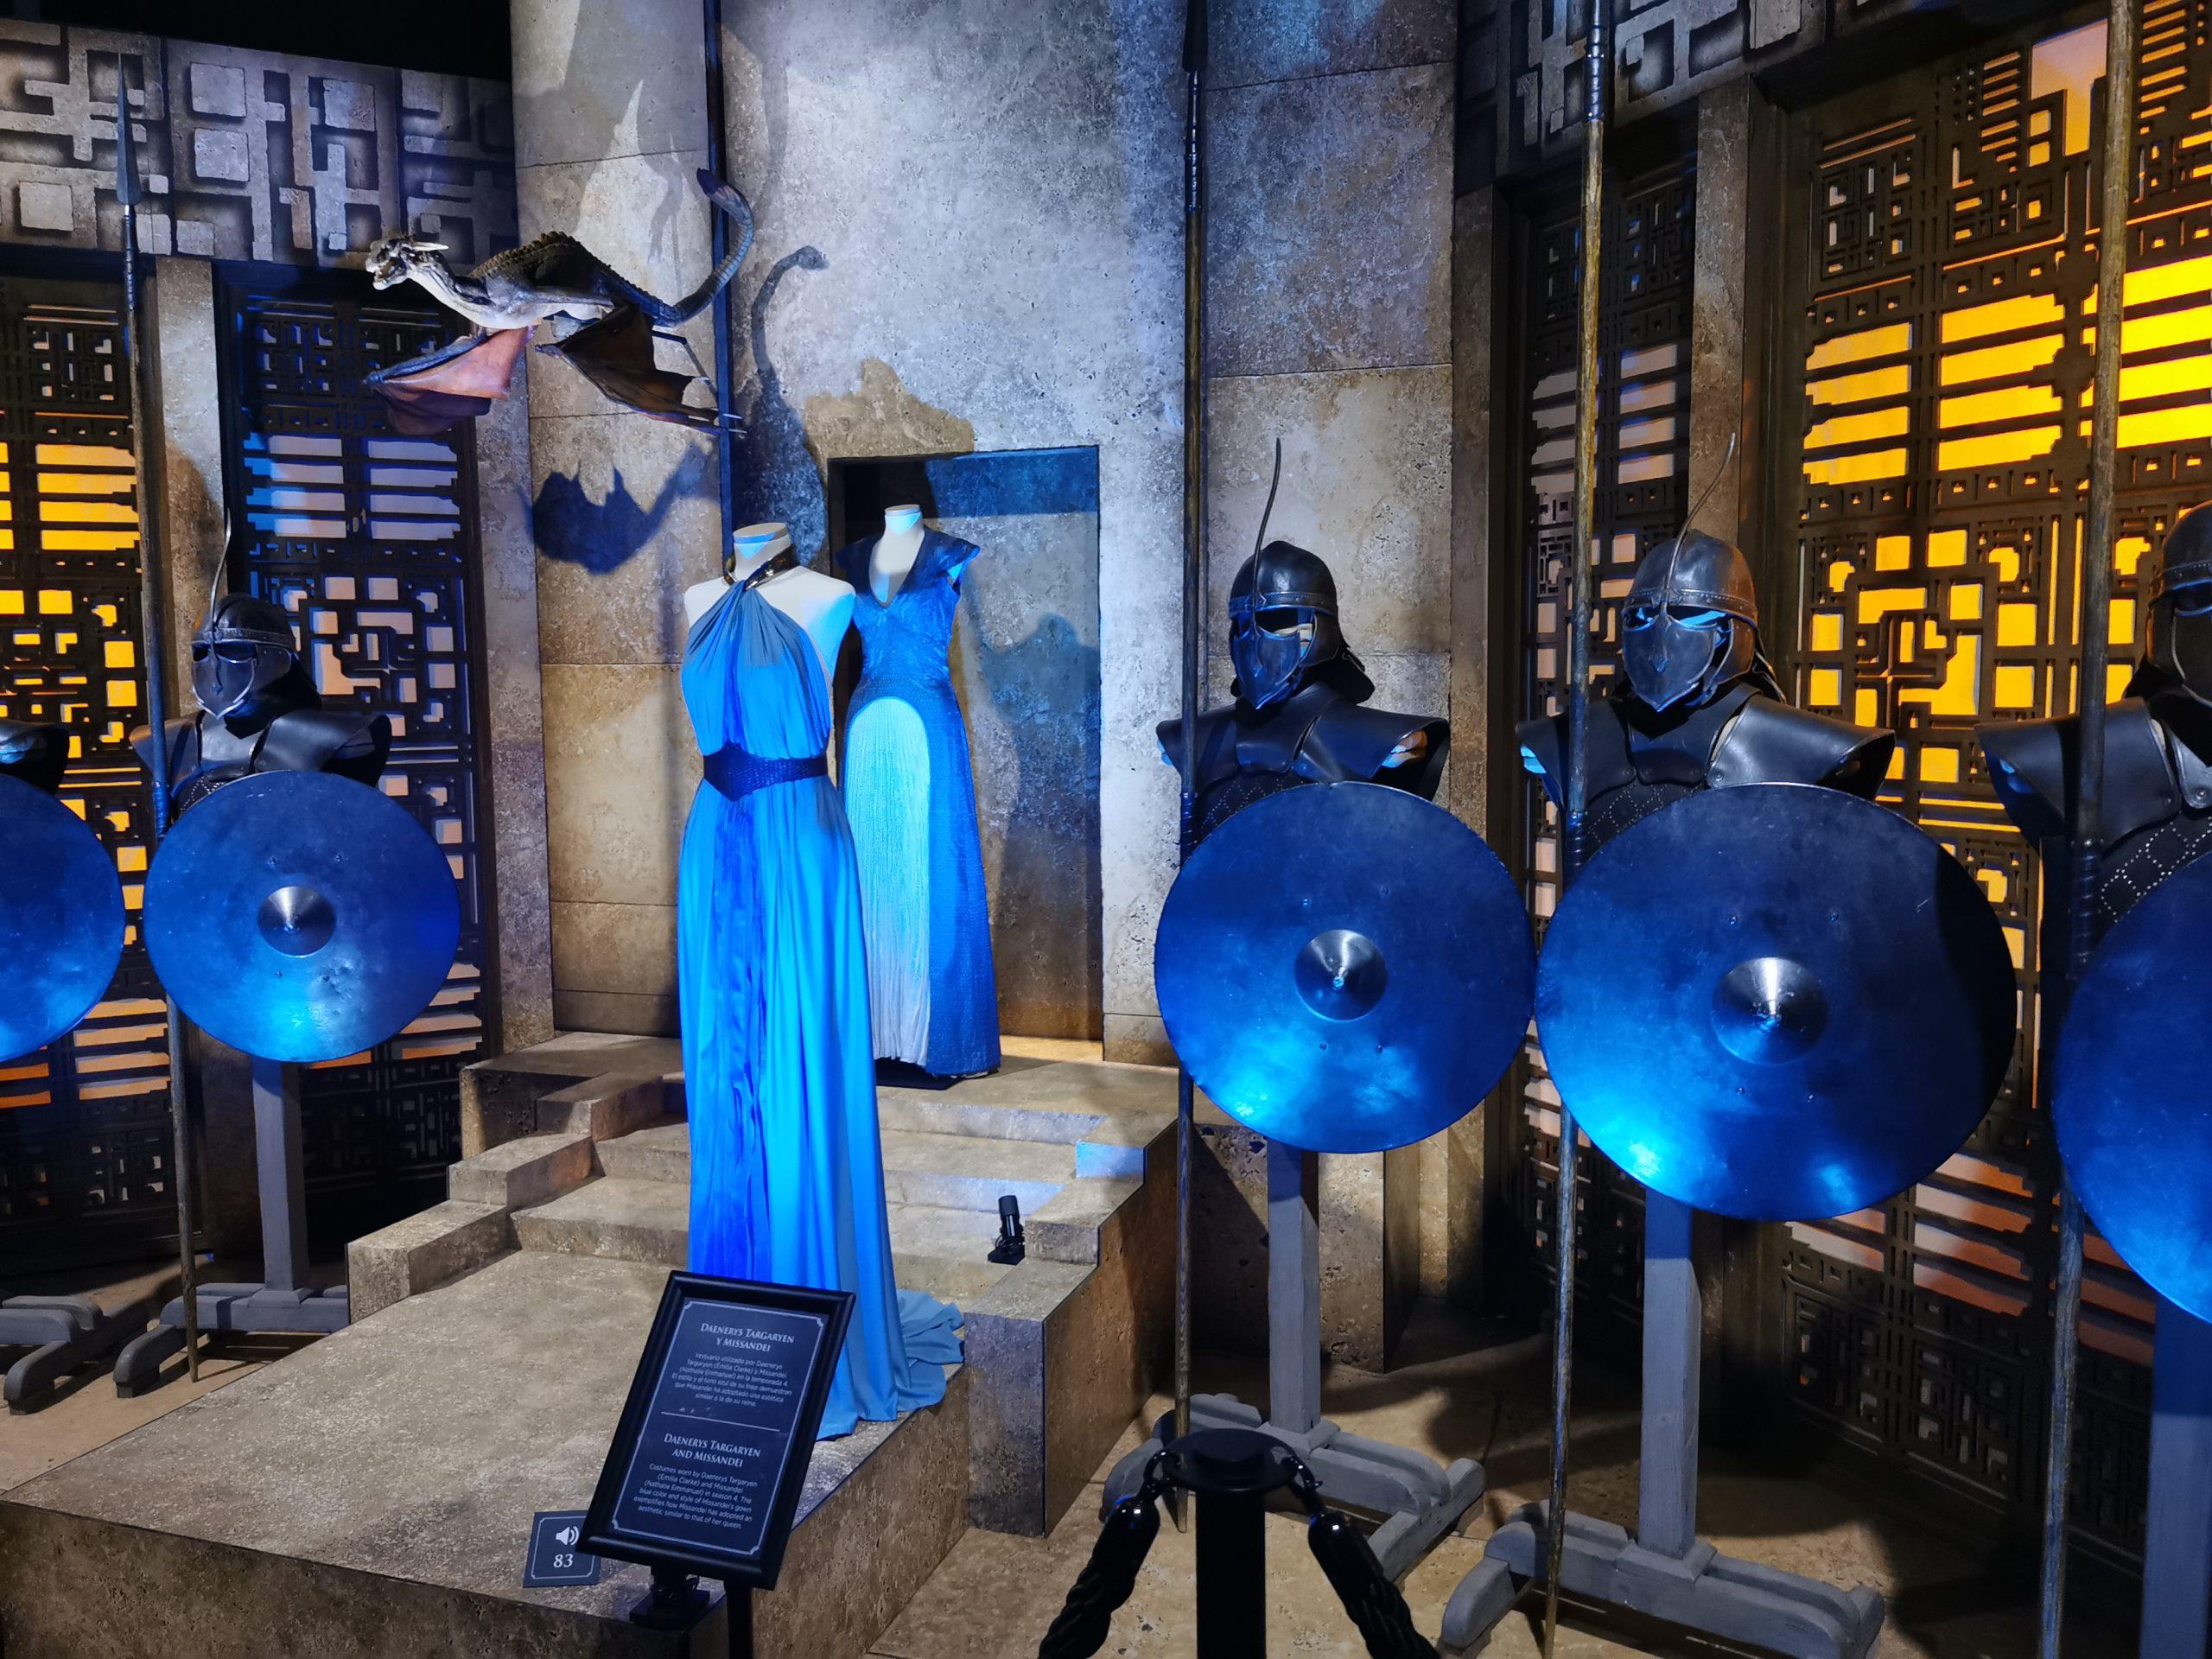 Juego de Tronos exposición oficial exposición 08